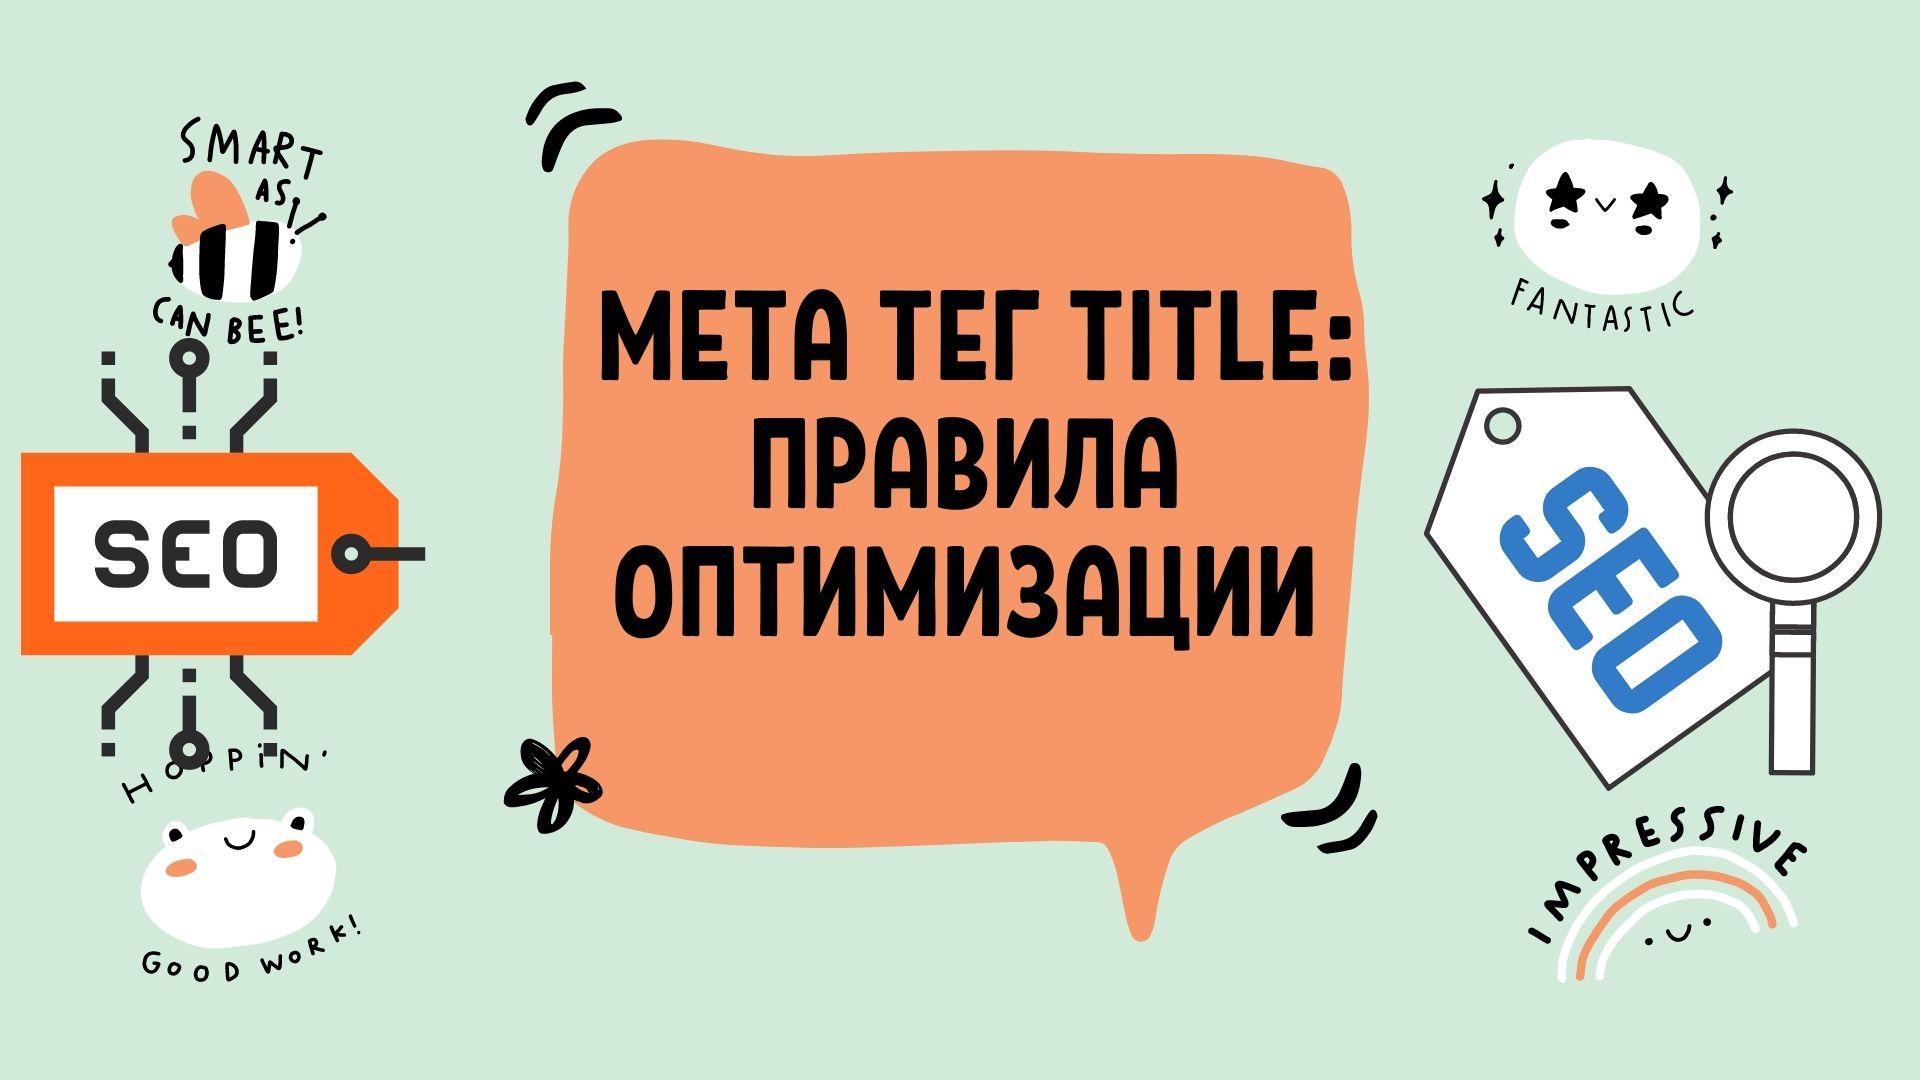 Правила создания Мета тега title